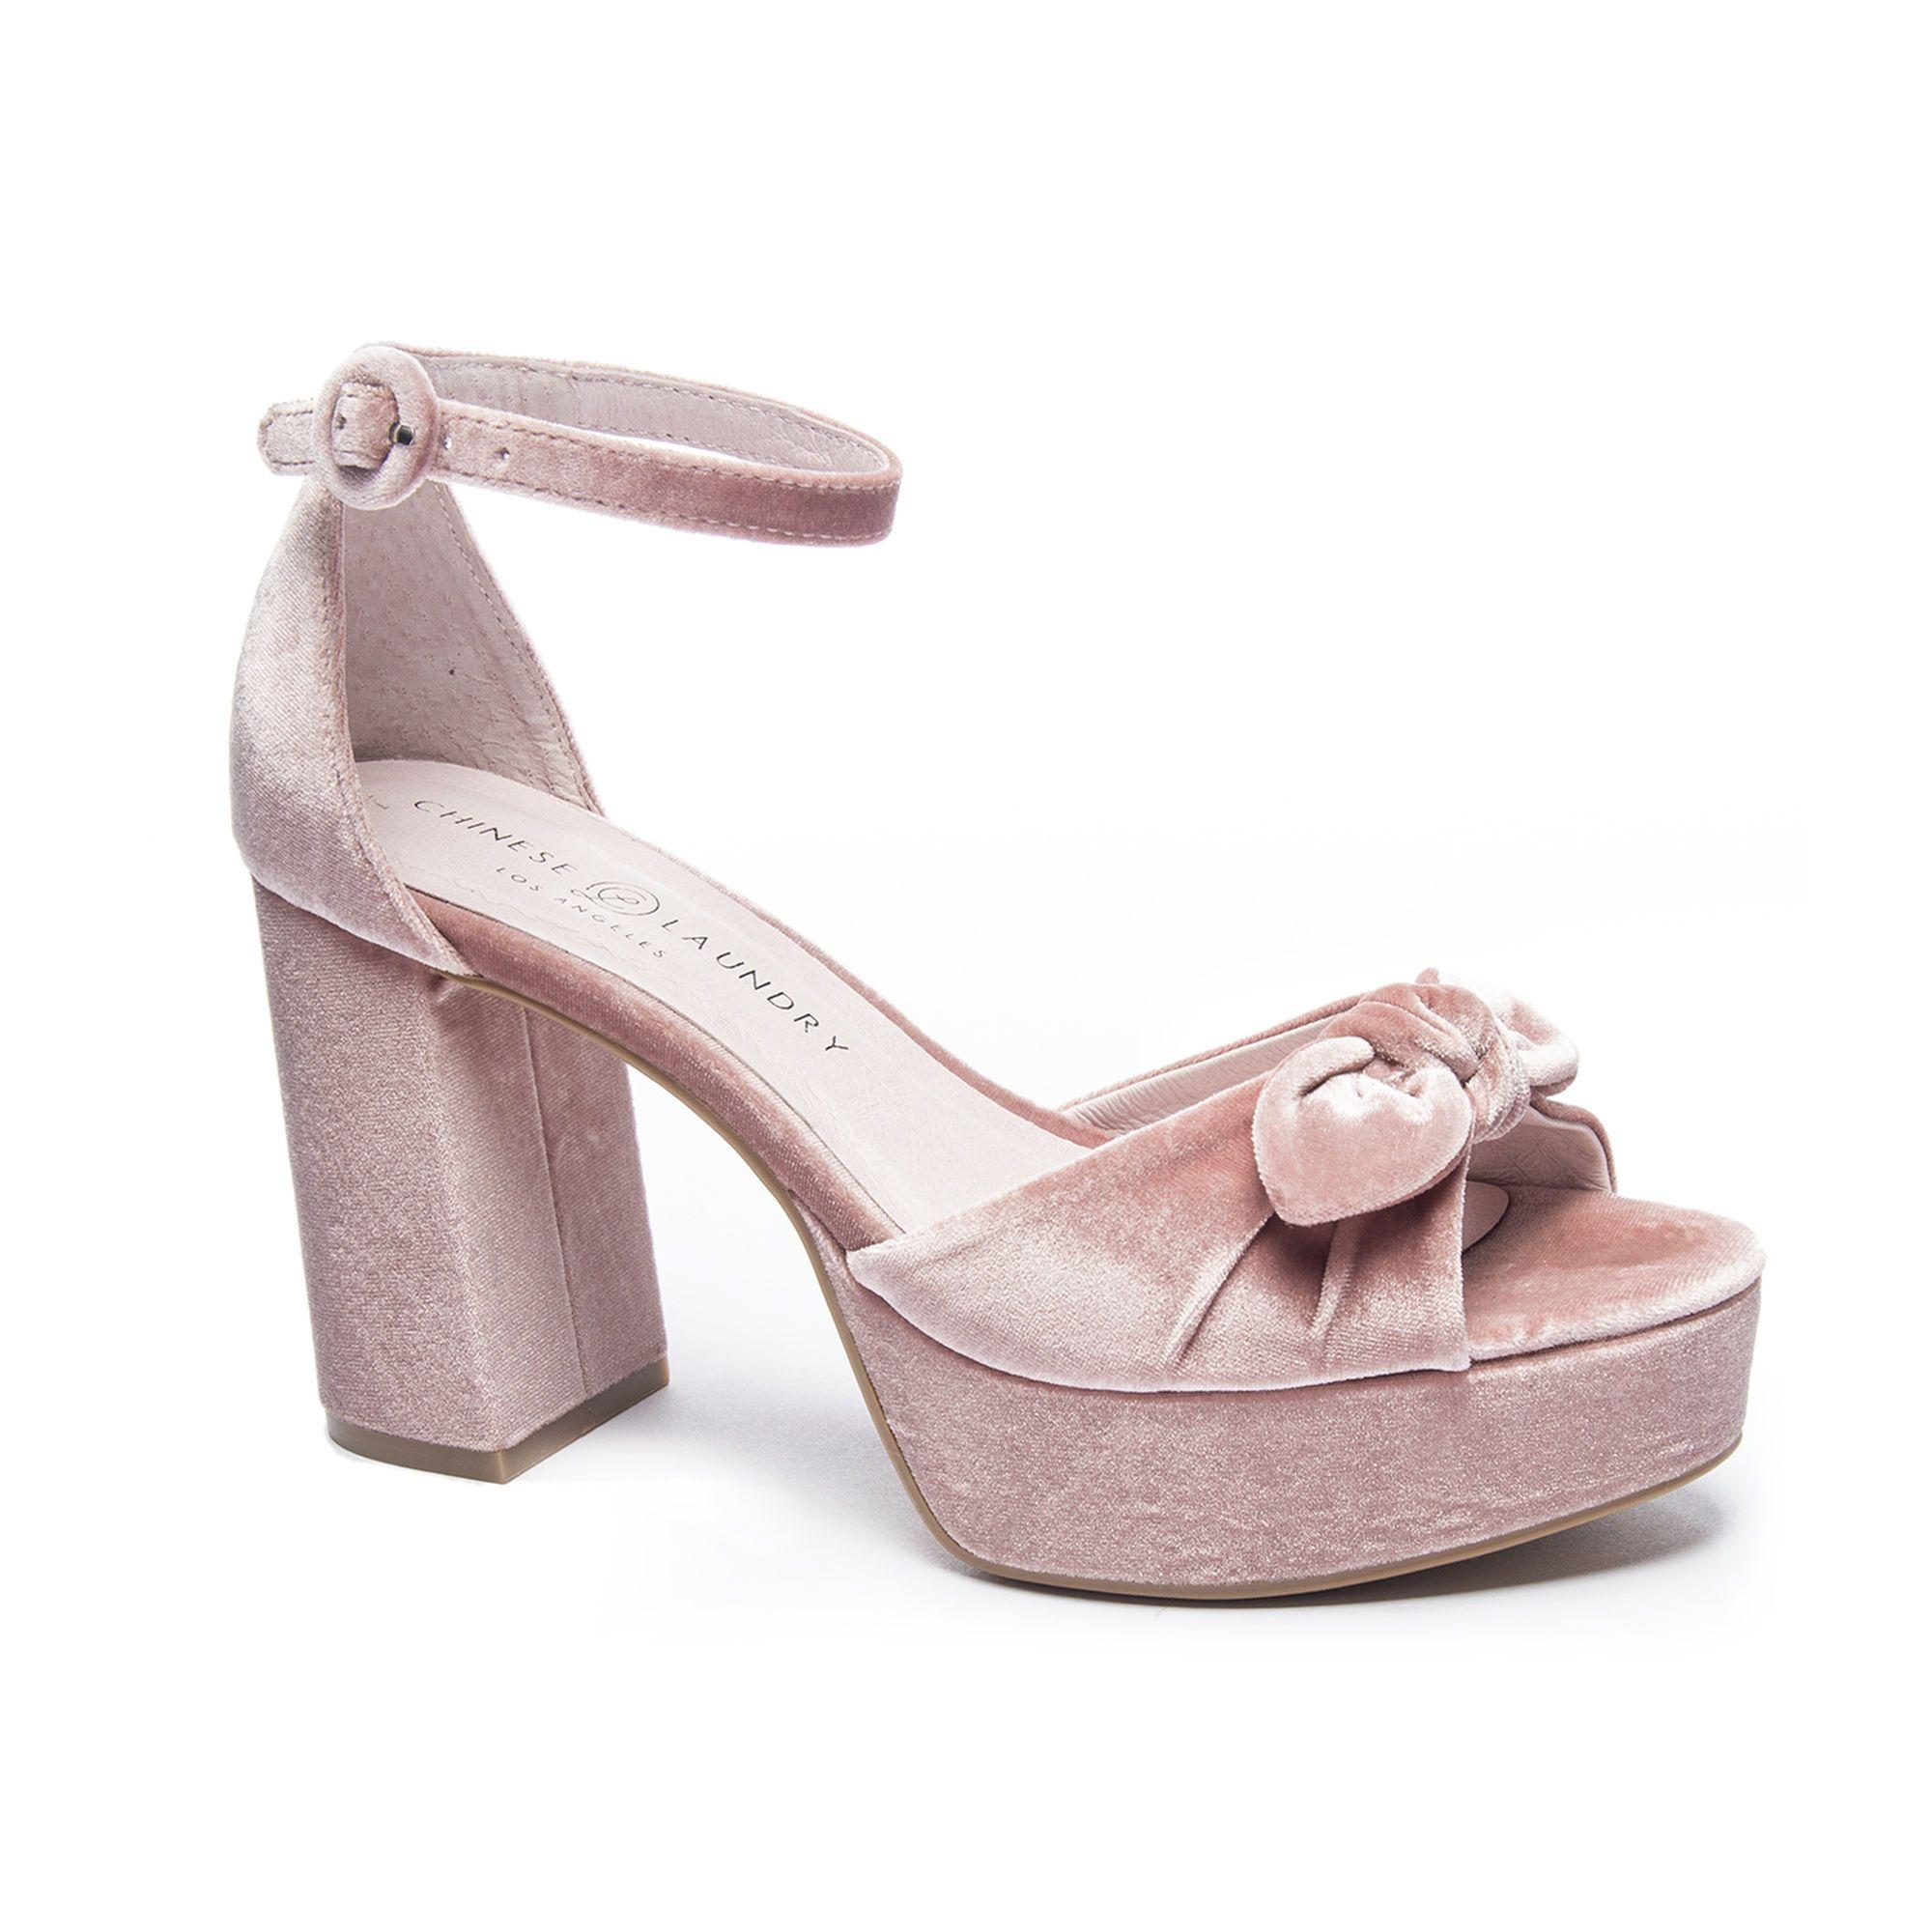 dfbffe2b69b Lace Up Sandals for Women. Chinese Laundry Tina Velvet Platform Sandal